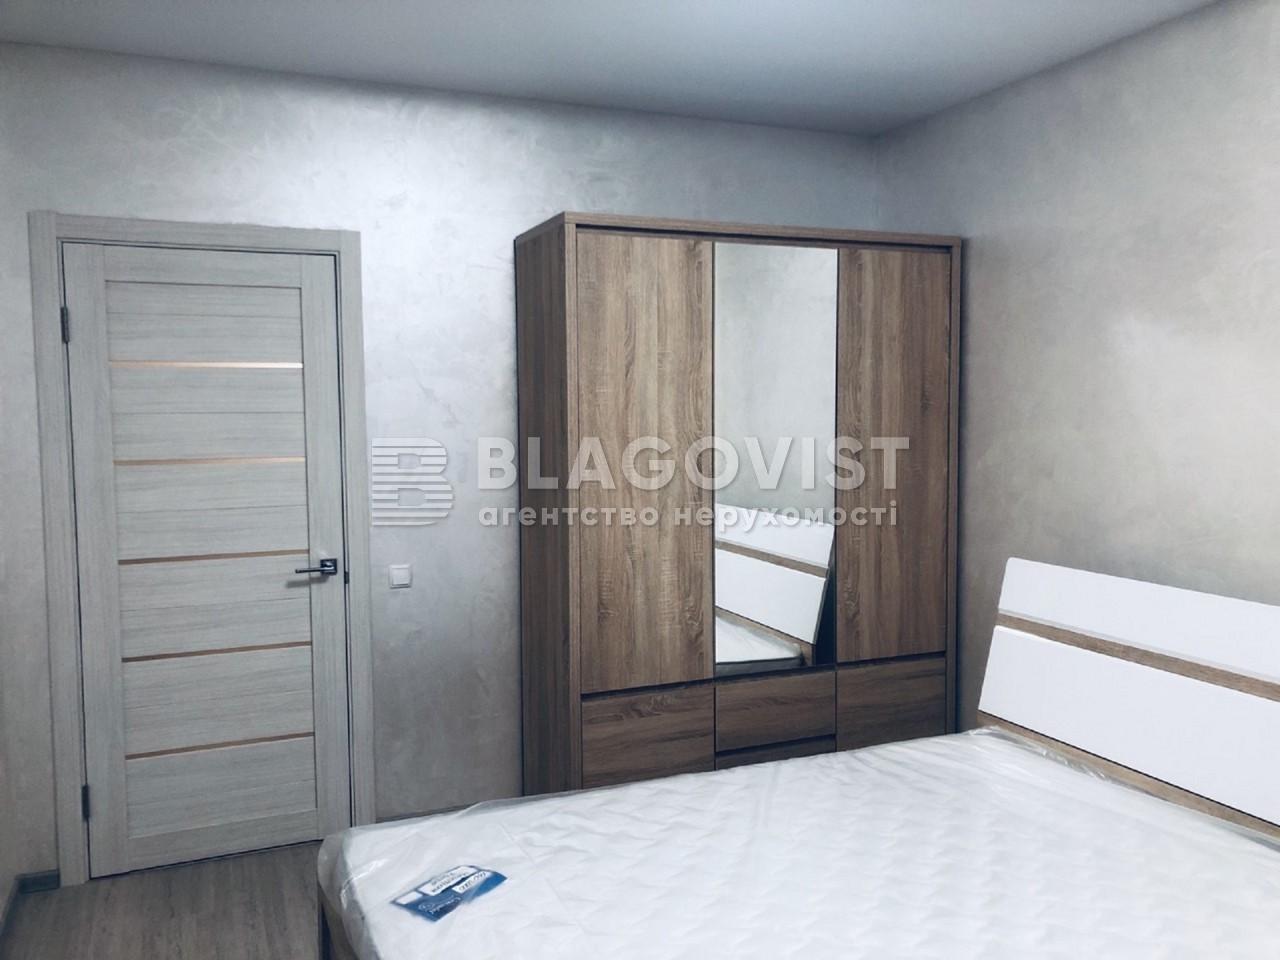 Квартира Z-726543, Маланюка Евгения (Сагайдака Степана), 101 корпус 18-21, Киев - Фото 9